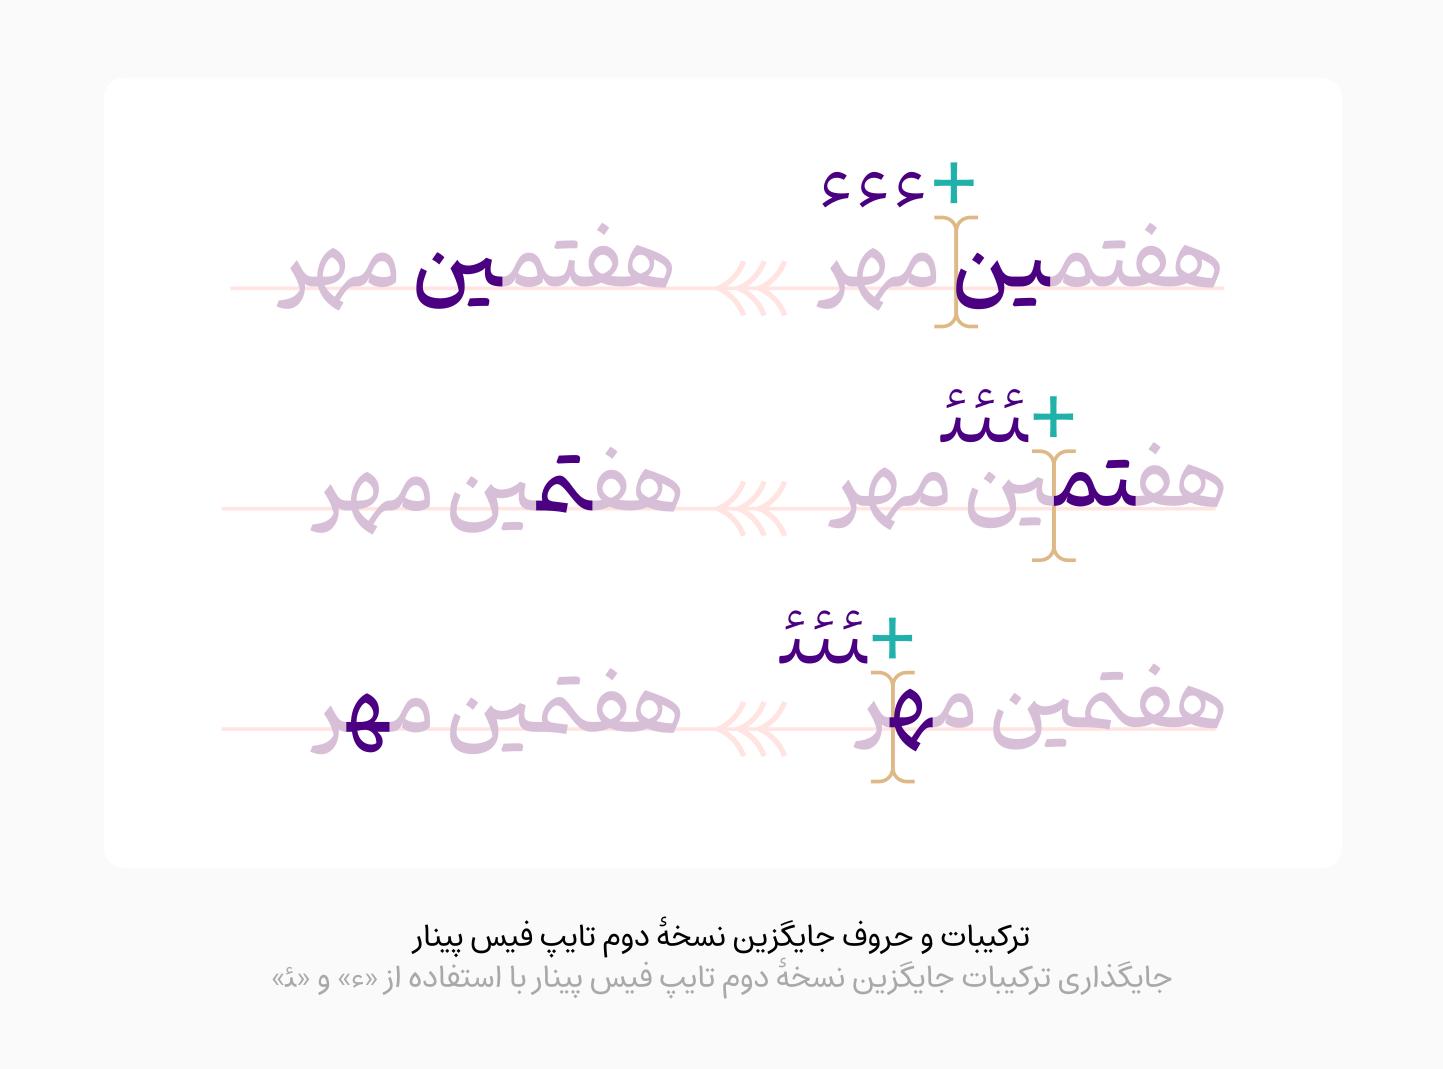 ترکیبات و حروف جایگزین نسخۀ دوم تایپ فیس پینار